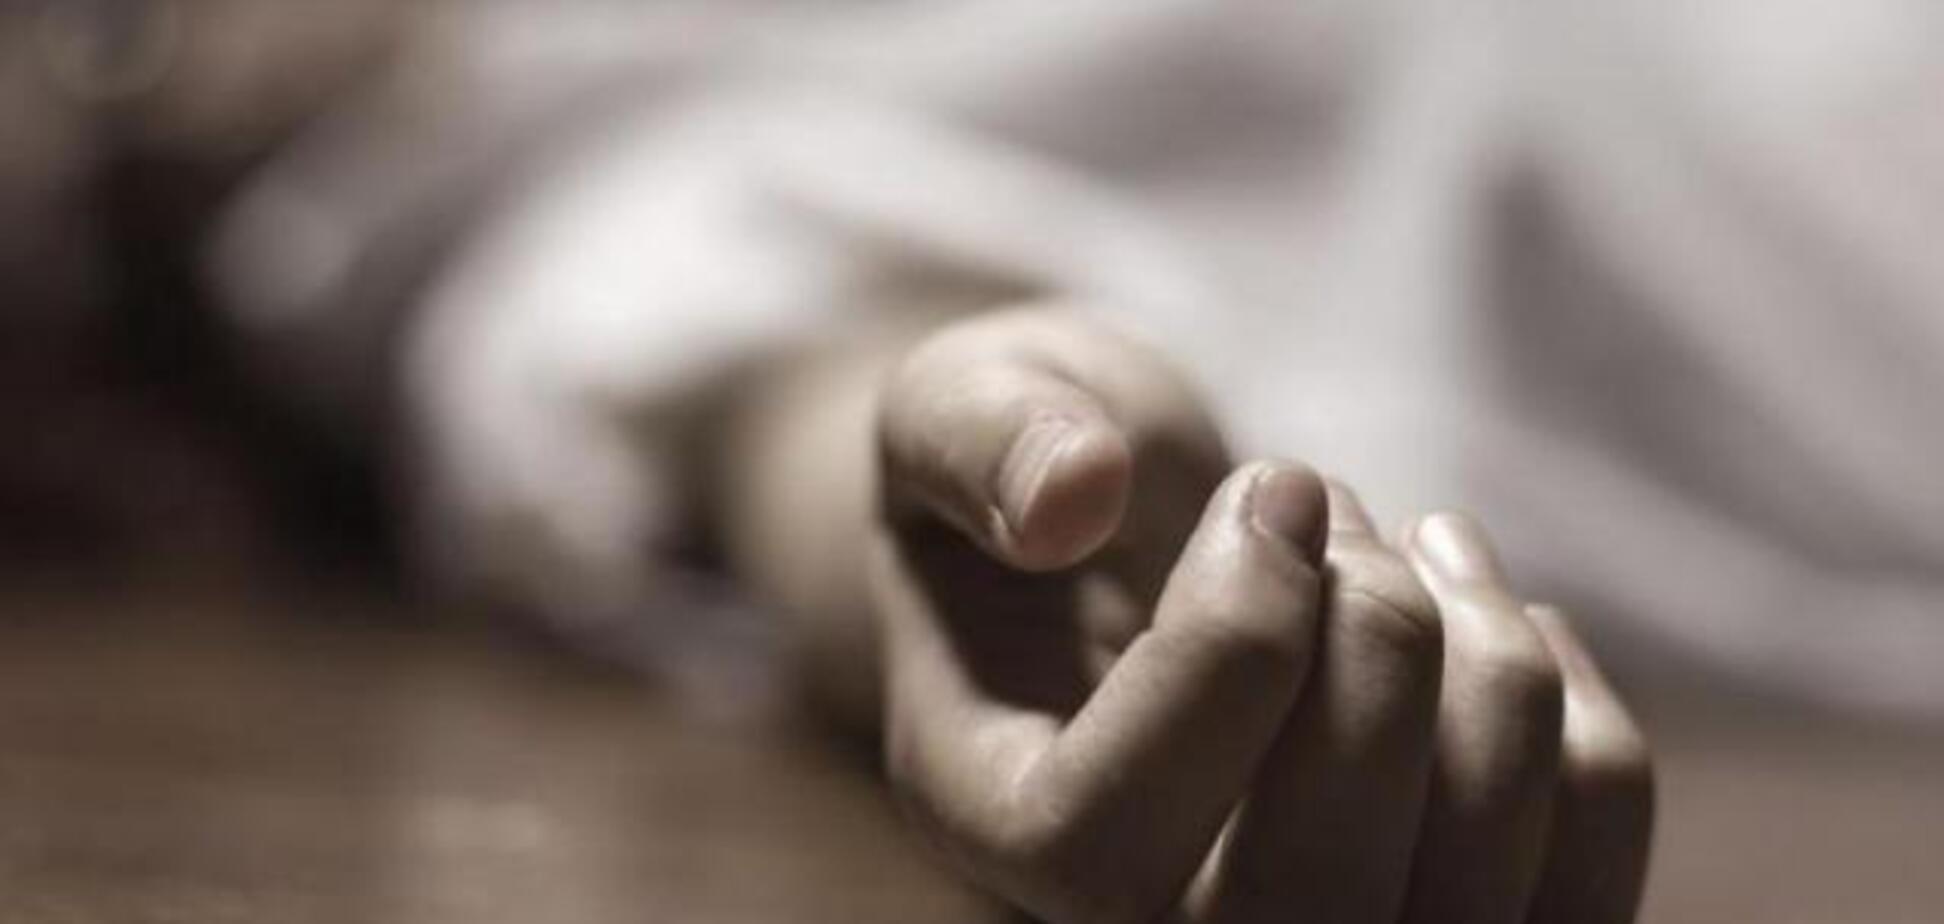 Прокушений череп, розірване обличчя: на Миколаївщині по-звірячому вбили дівчину